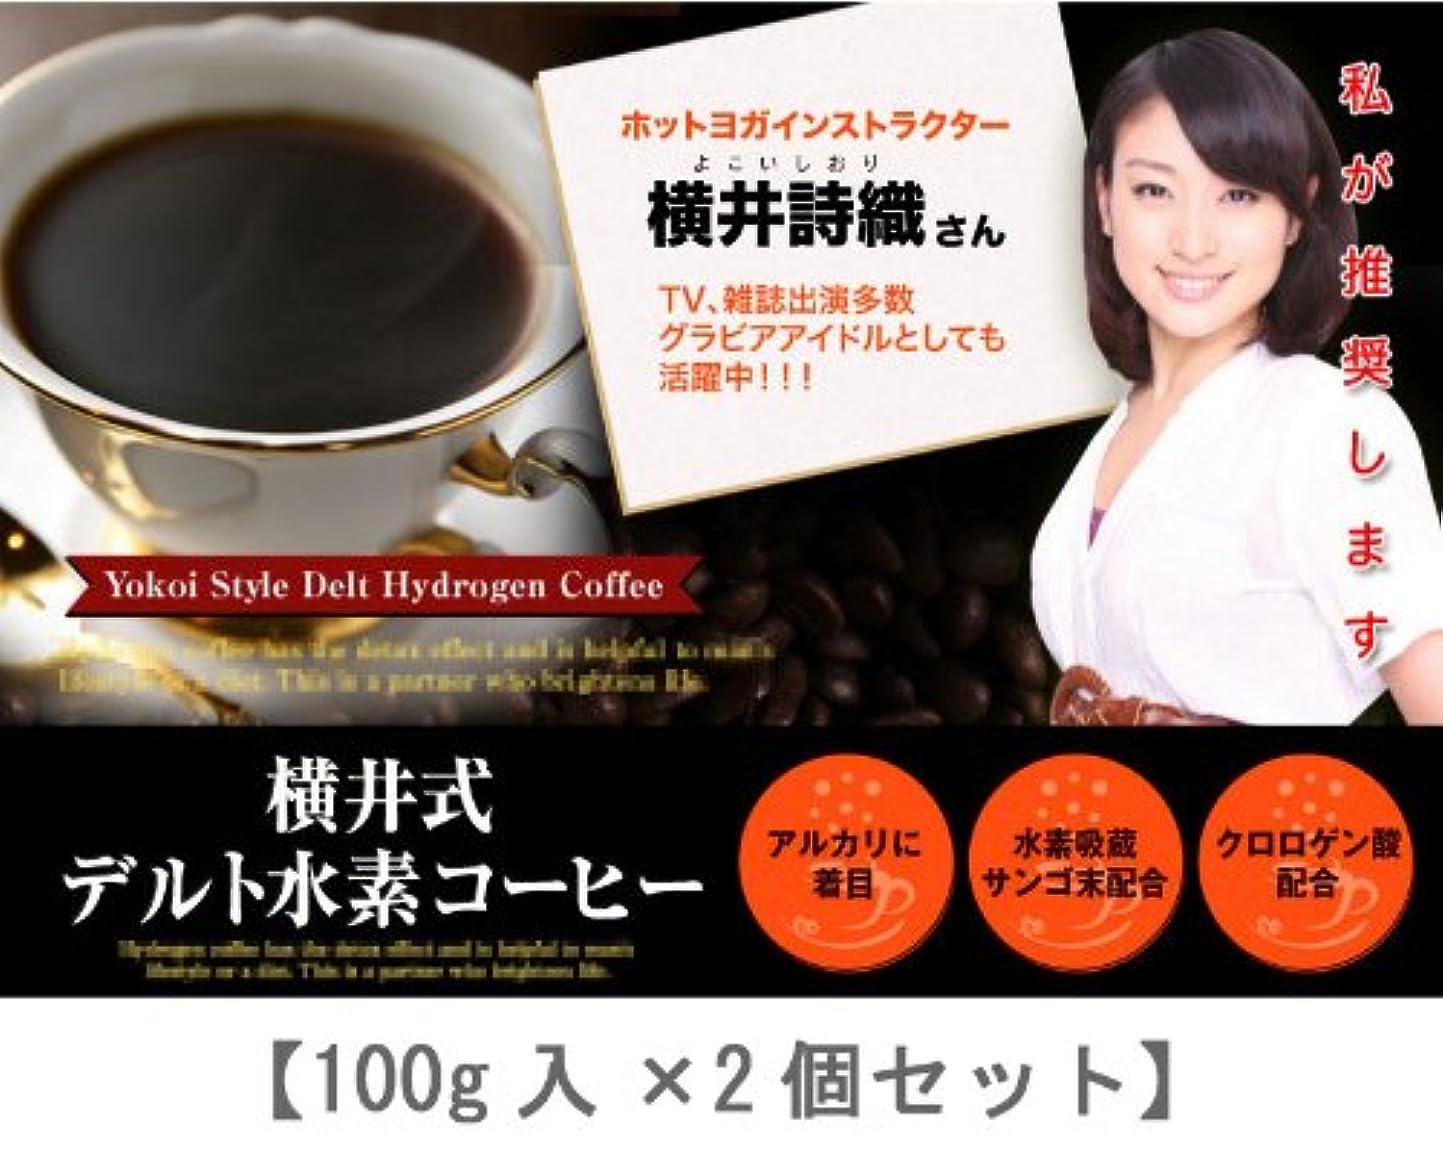 請求可能水銀のワークショップ横井式デルト水素コーヒー 2個セット(水素配合ダイエットコーヒー)